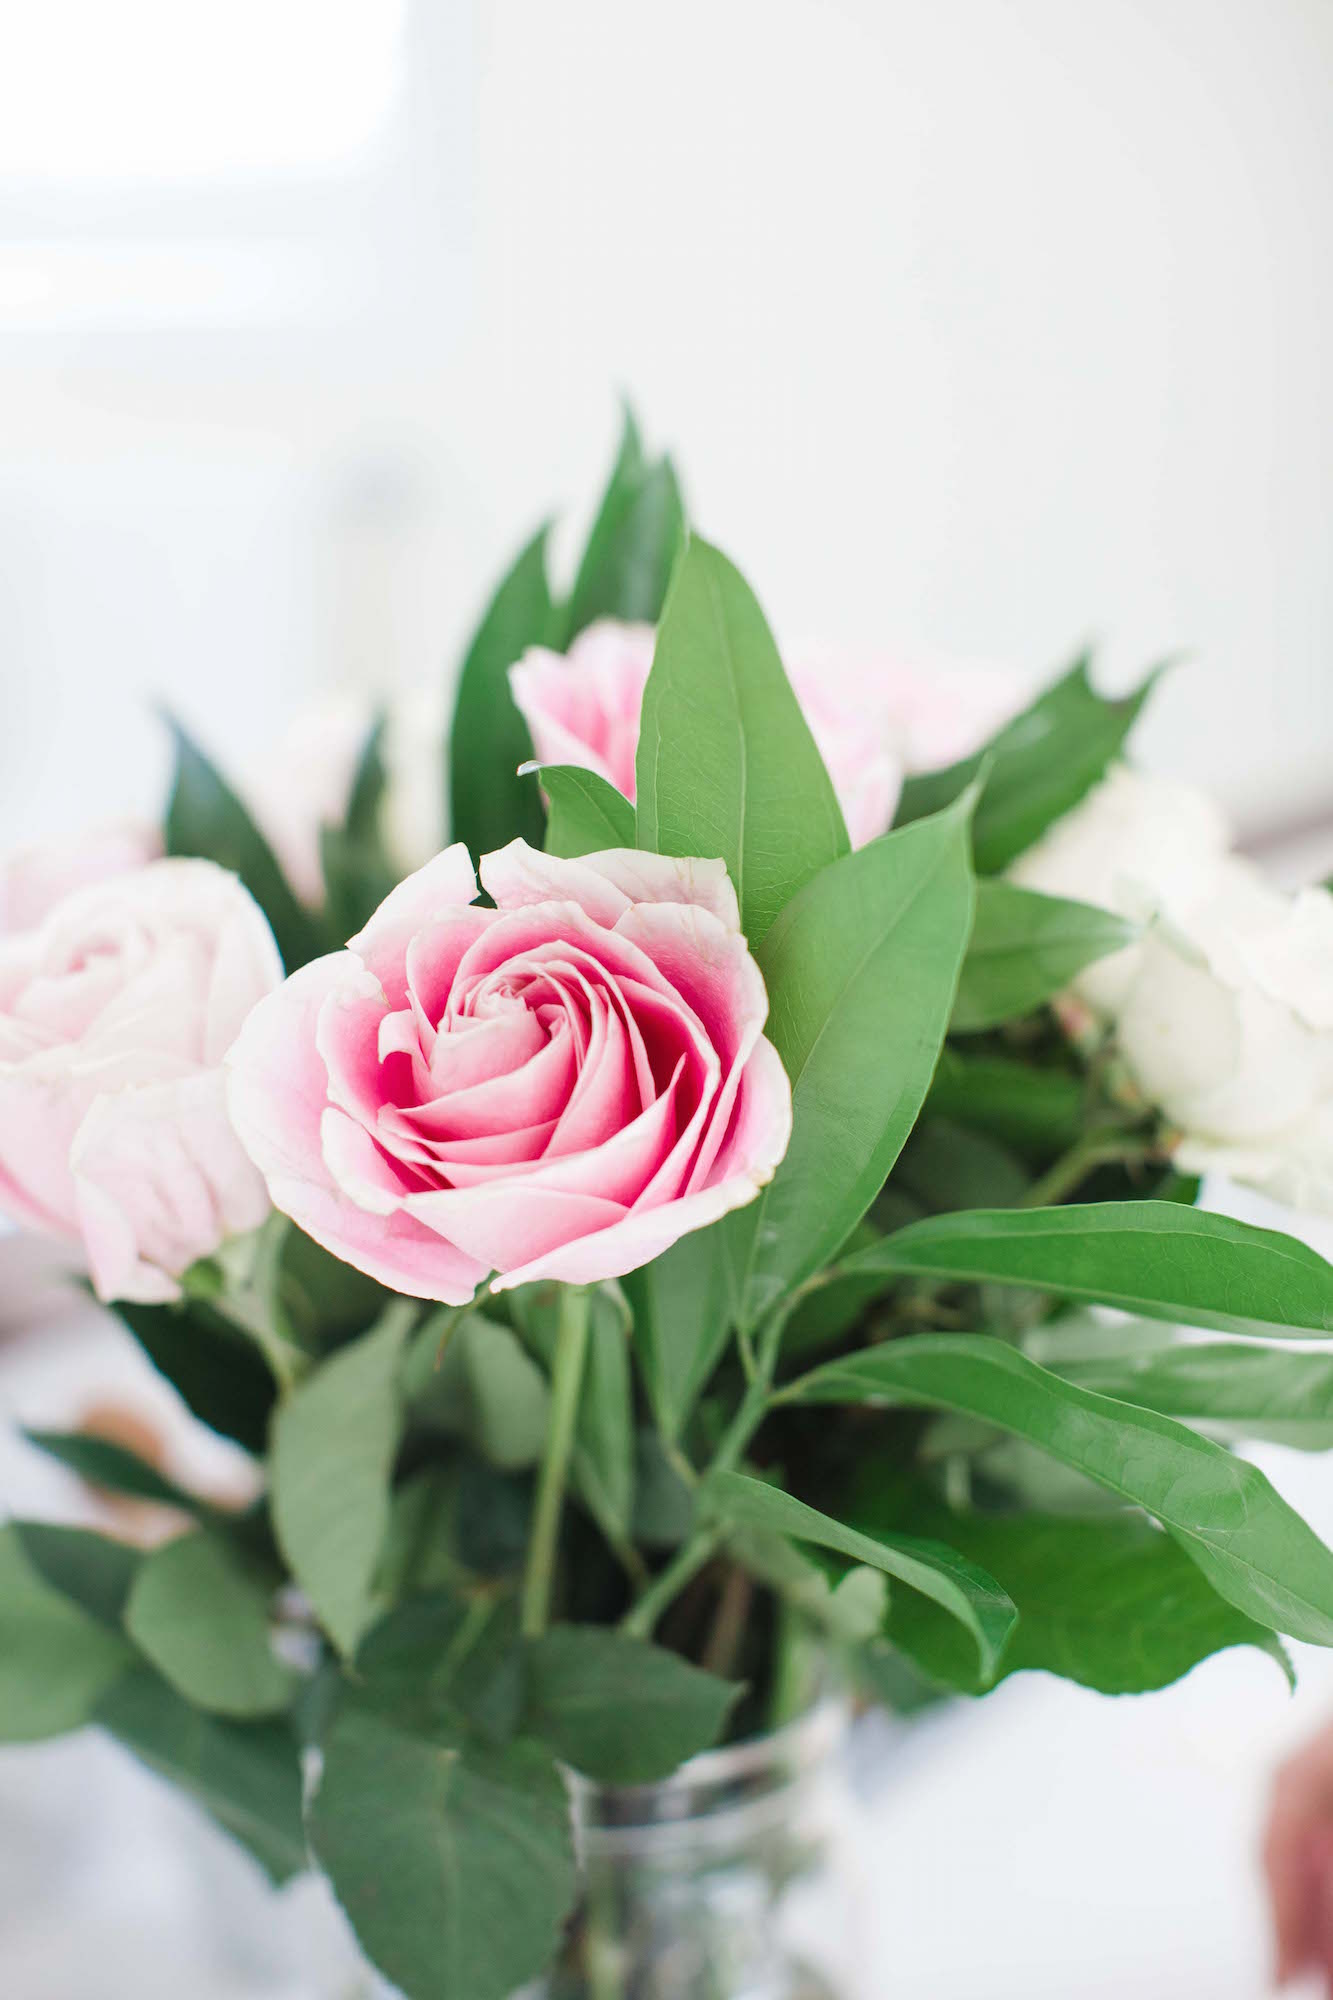 Merrick's Art Pink roses